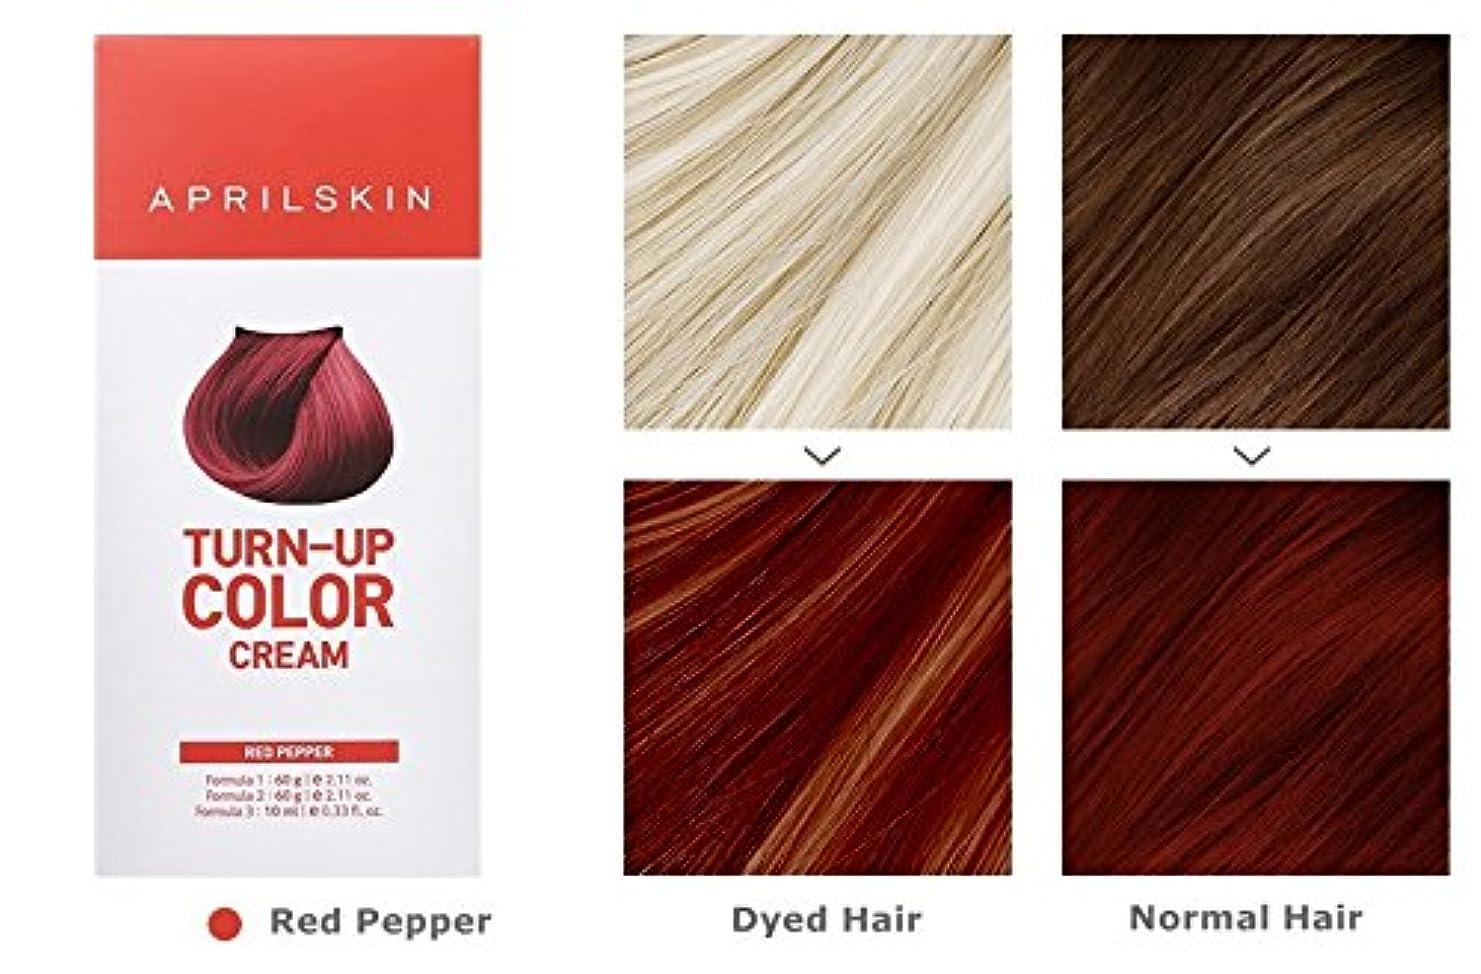 屋内で自然公園趣味April Skin Turn Up Color Cream Long lasting Texture Type Hair Dye エイプリルスキン ターンアップカラークリーム長持ちテクスチャタイプヘアダイ (紅)